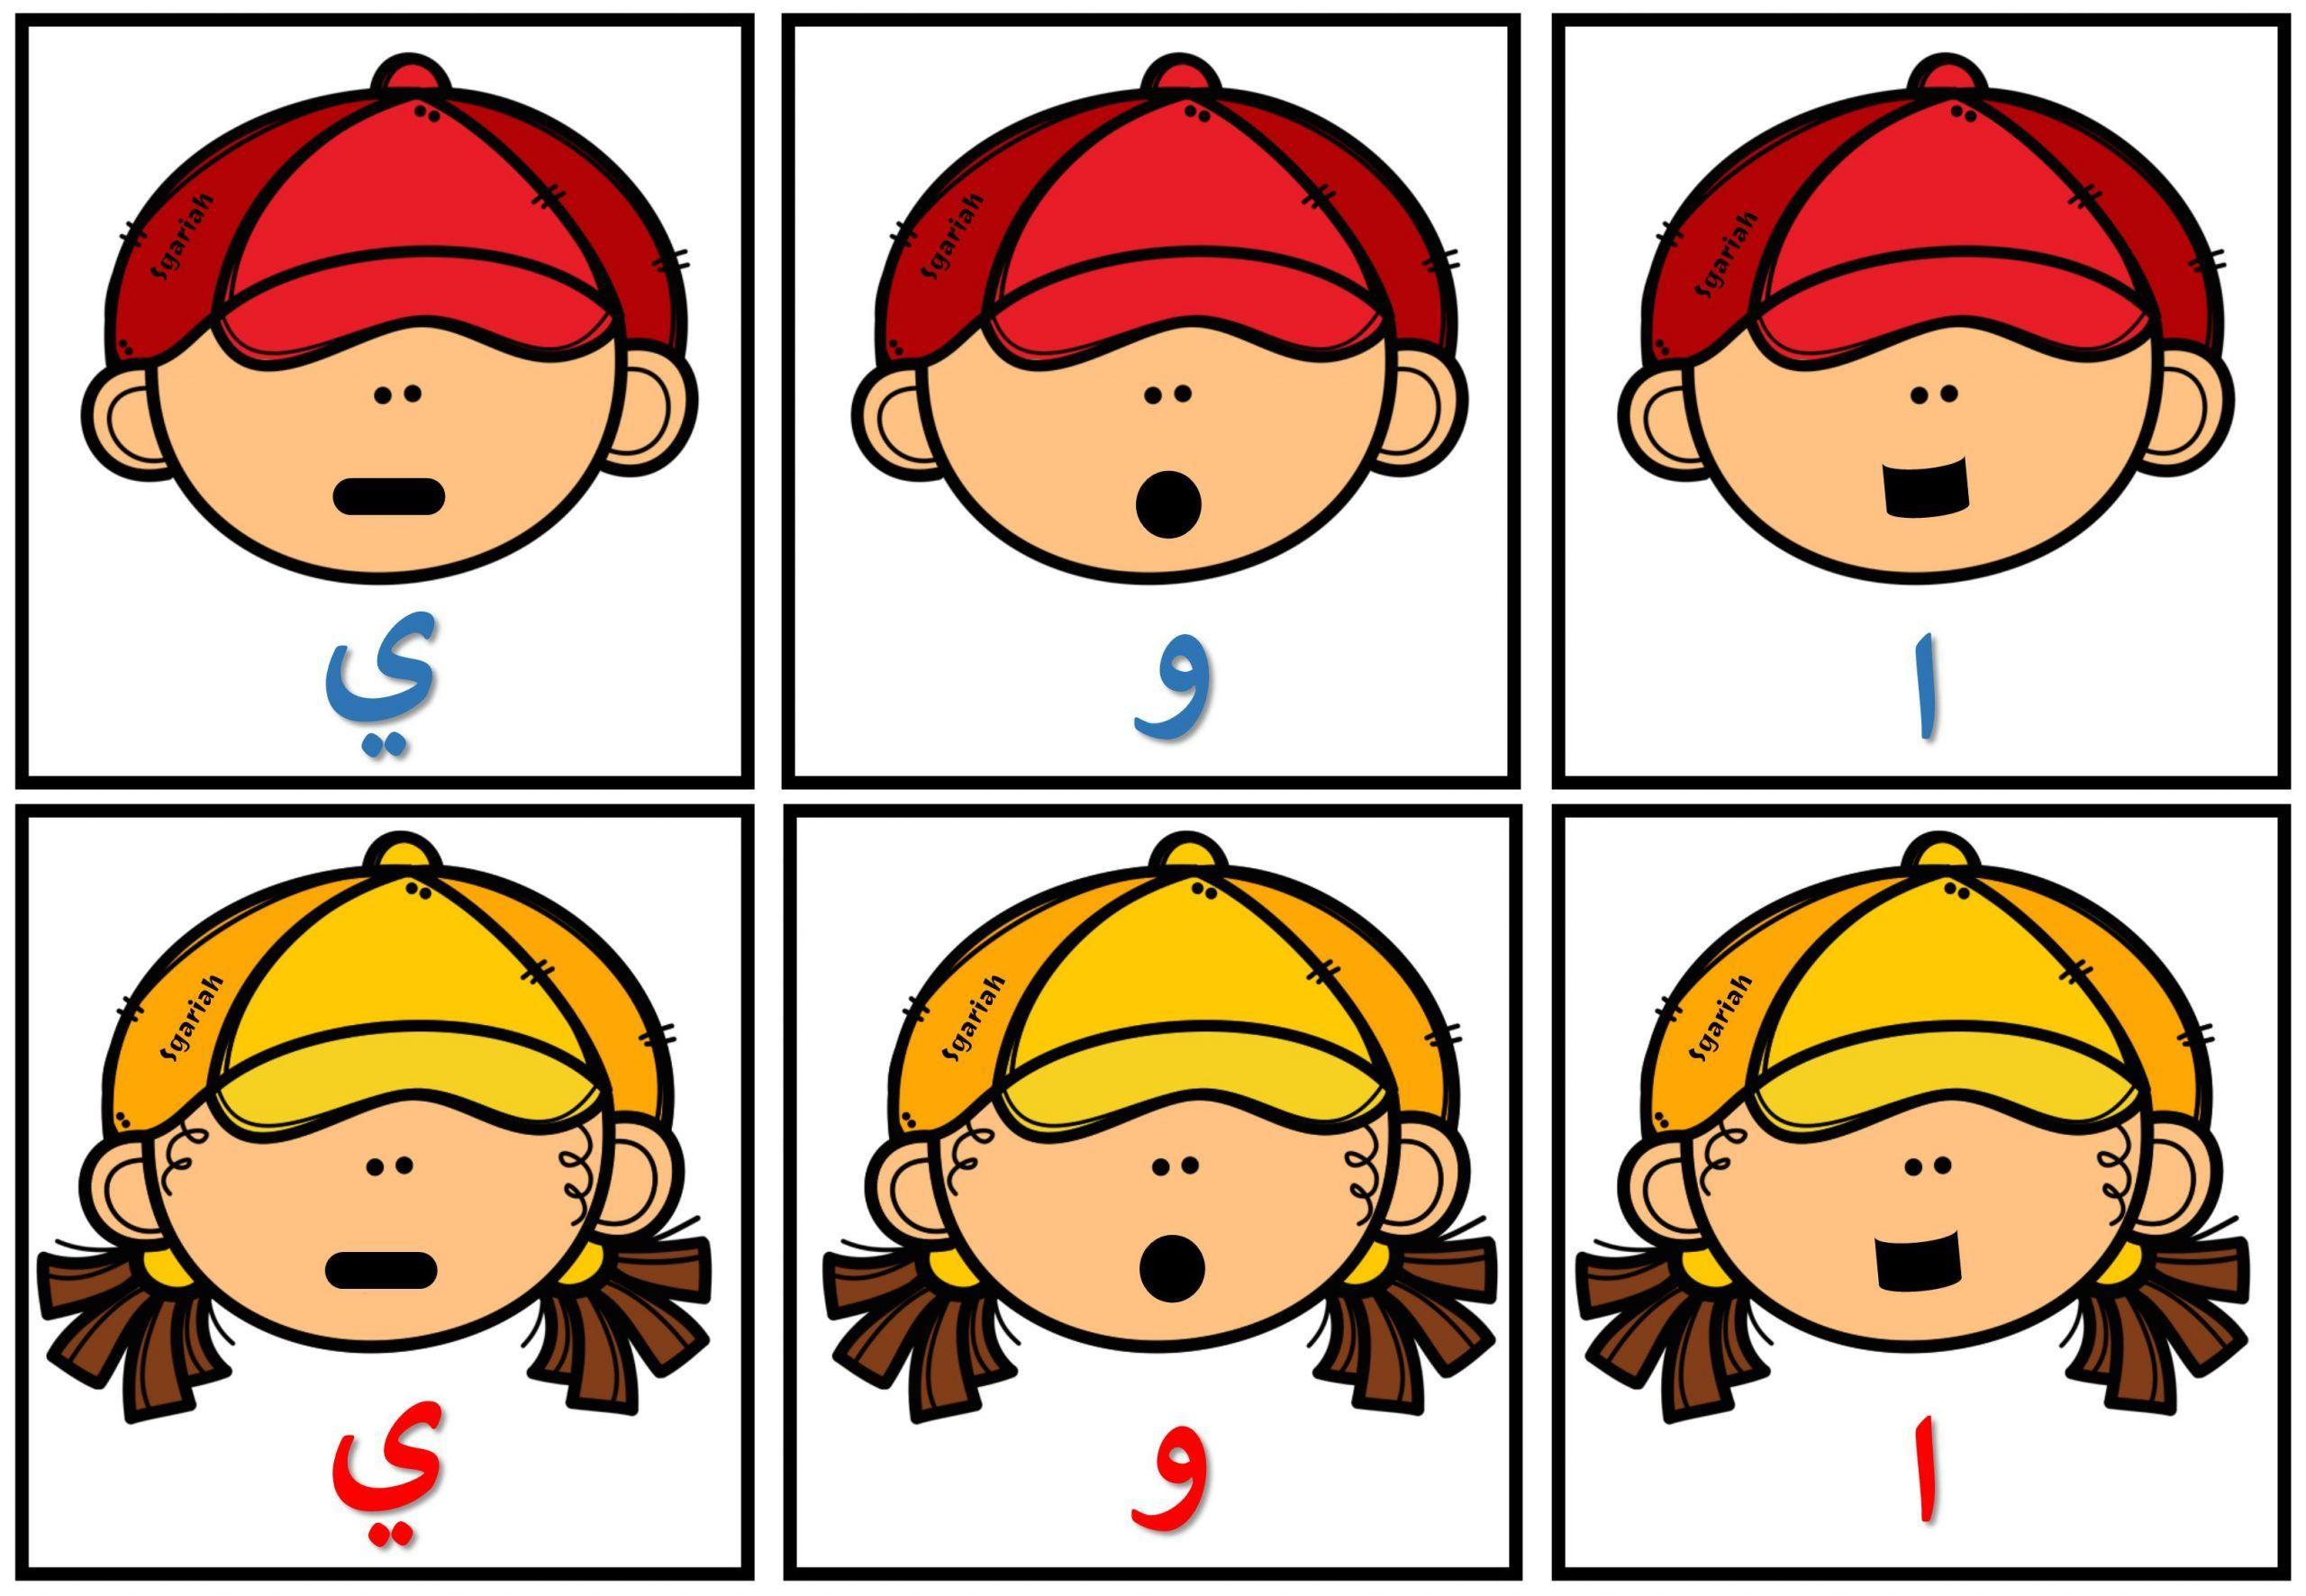 بطاقة تعليمية رائعة للاطفال بالحروف المد الطويلة ا و ي Peanuts Comics Comics Art